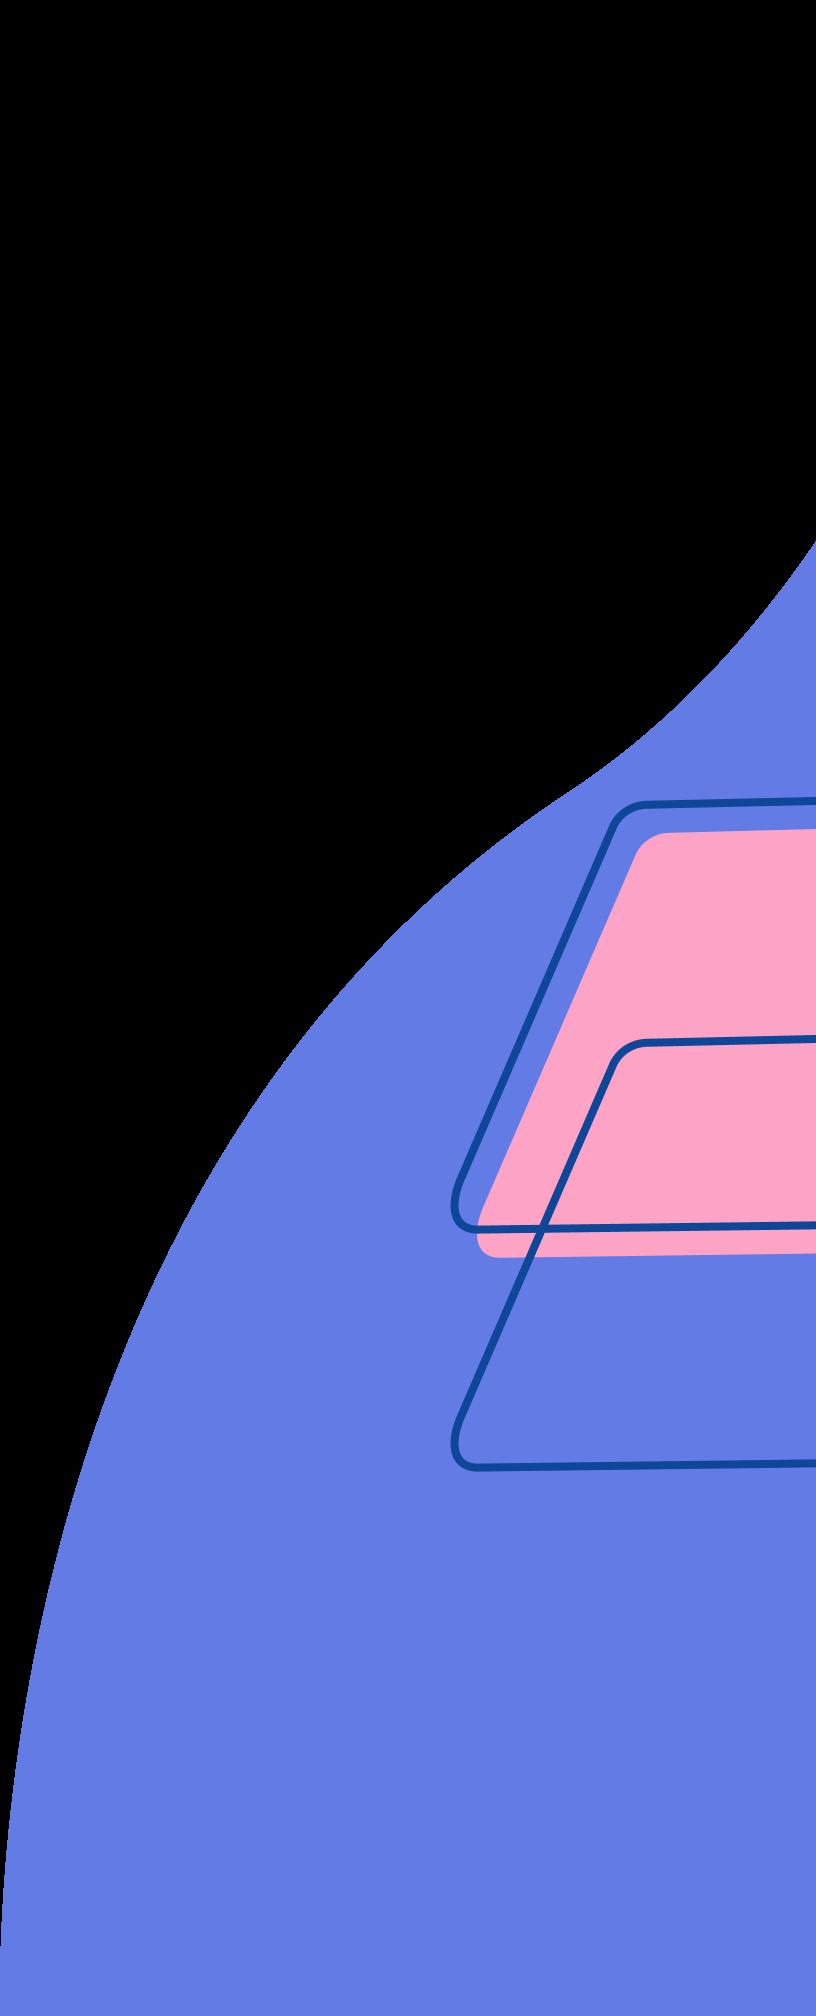 bottom-background